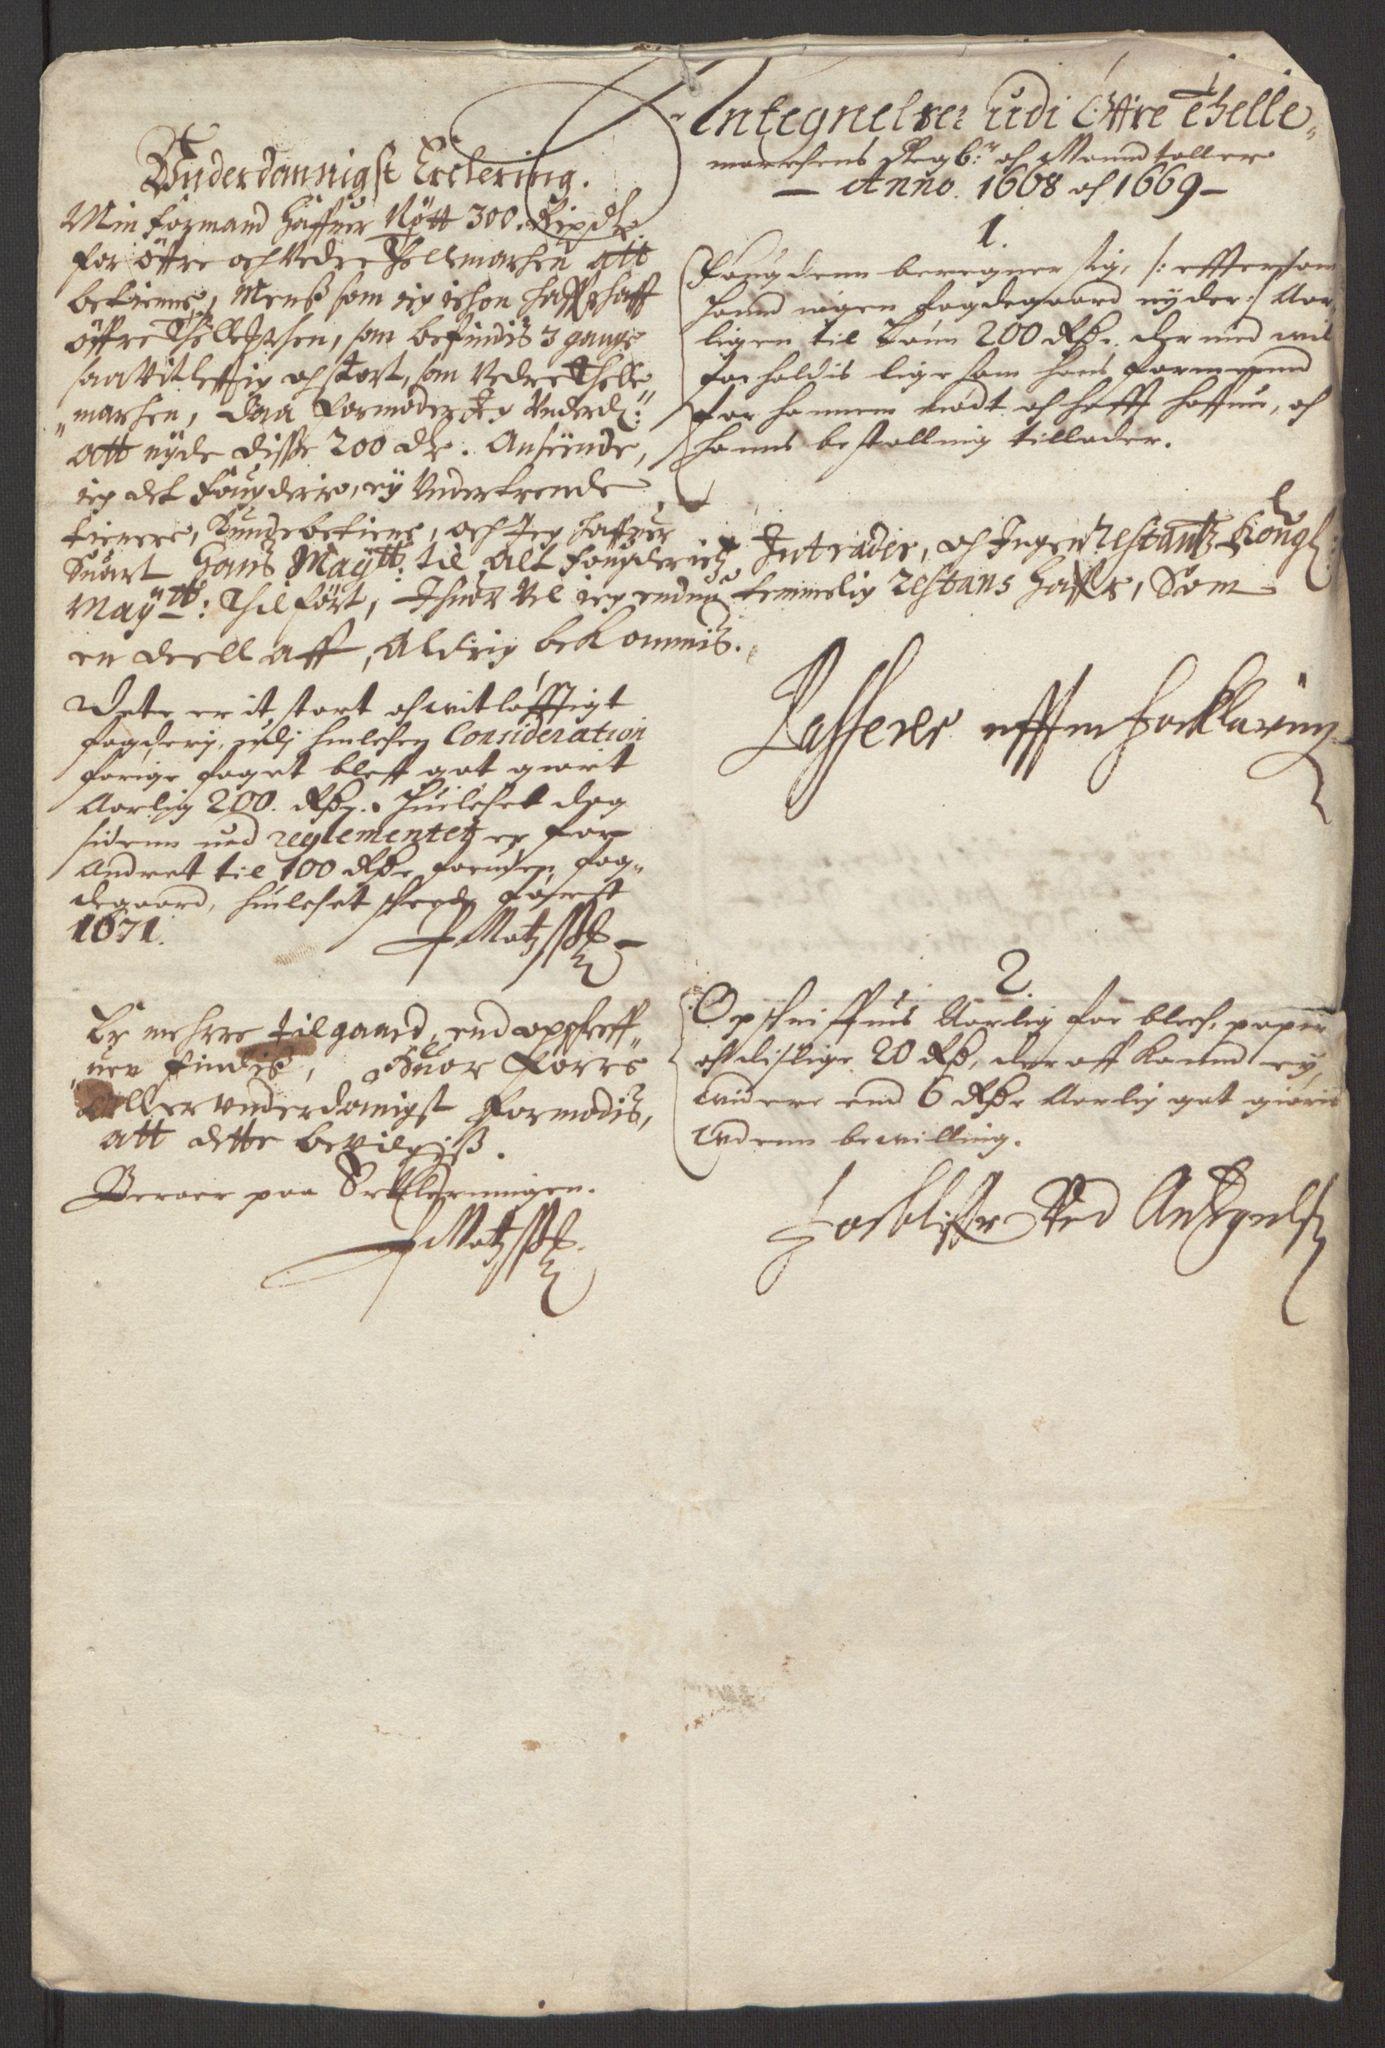 RA, Rentekammeret inntil 1814, Reviderte regnskaper, Fogderegnskap, R35/L2059: Fogderegnskap Øvre og Nedre Telemark, 1668-1670, s. 65